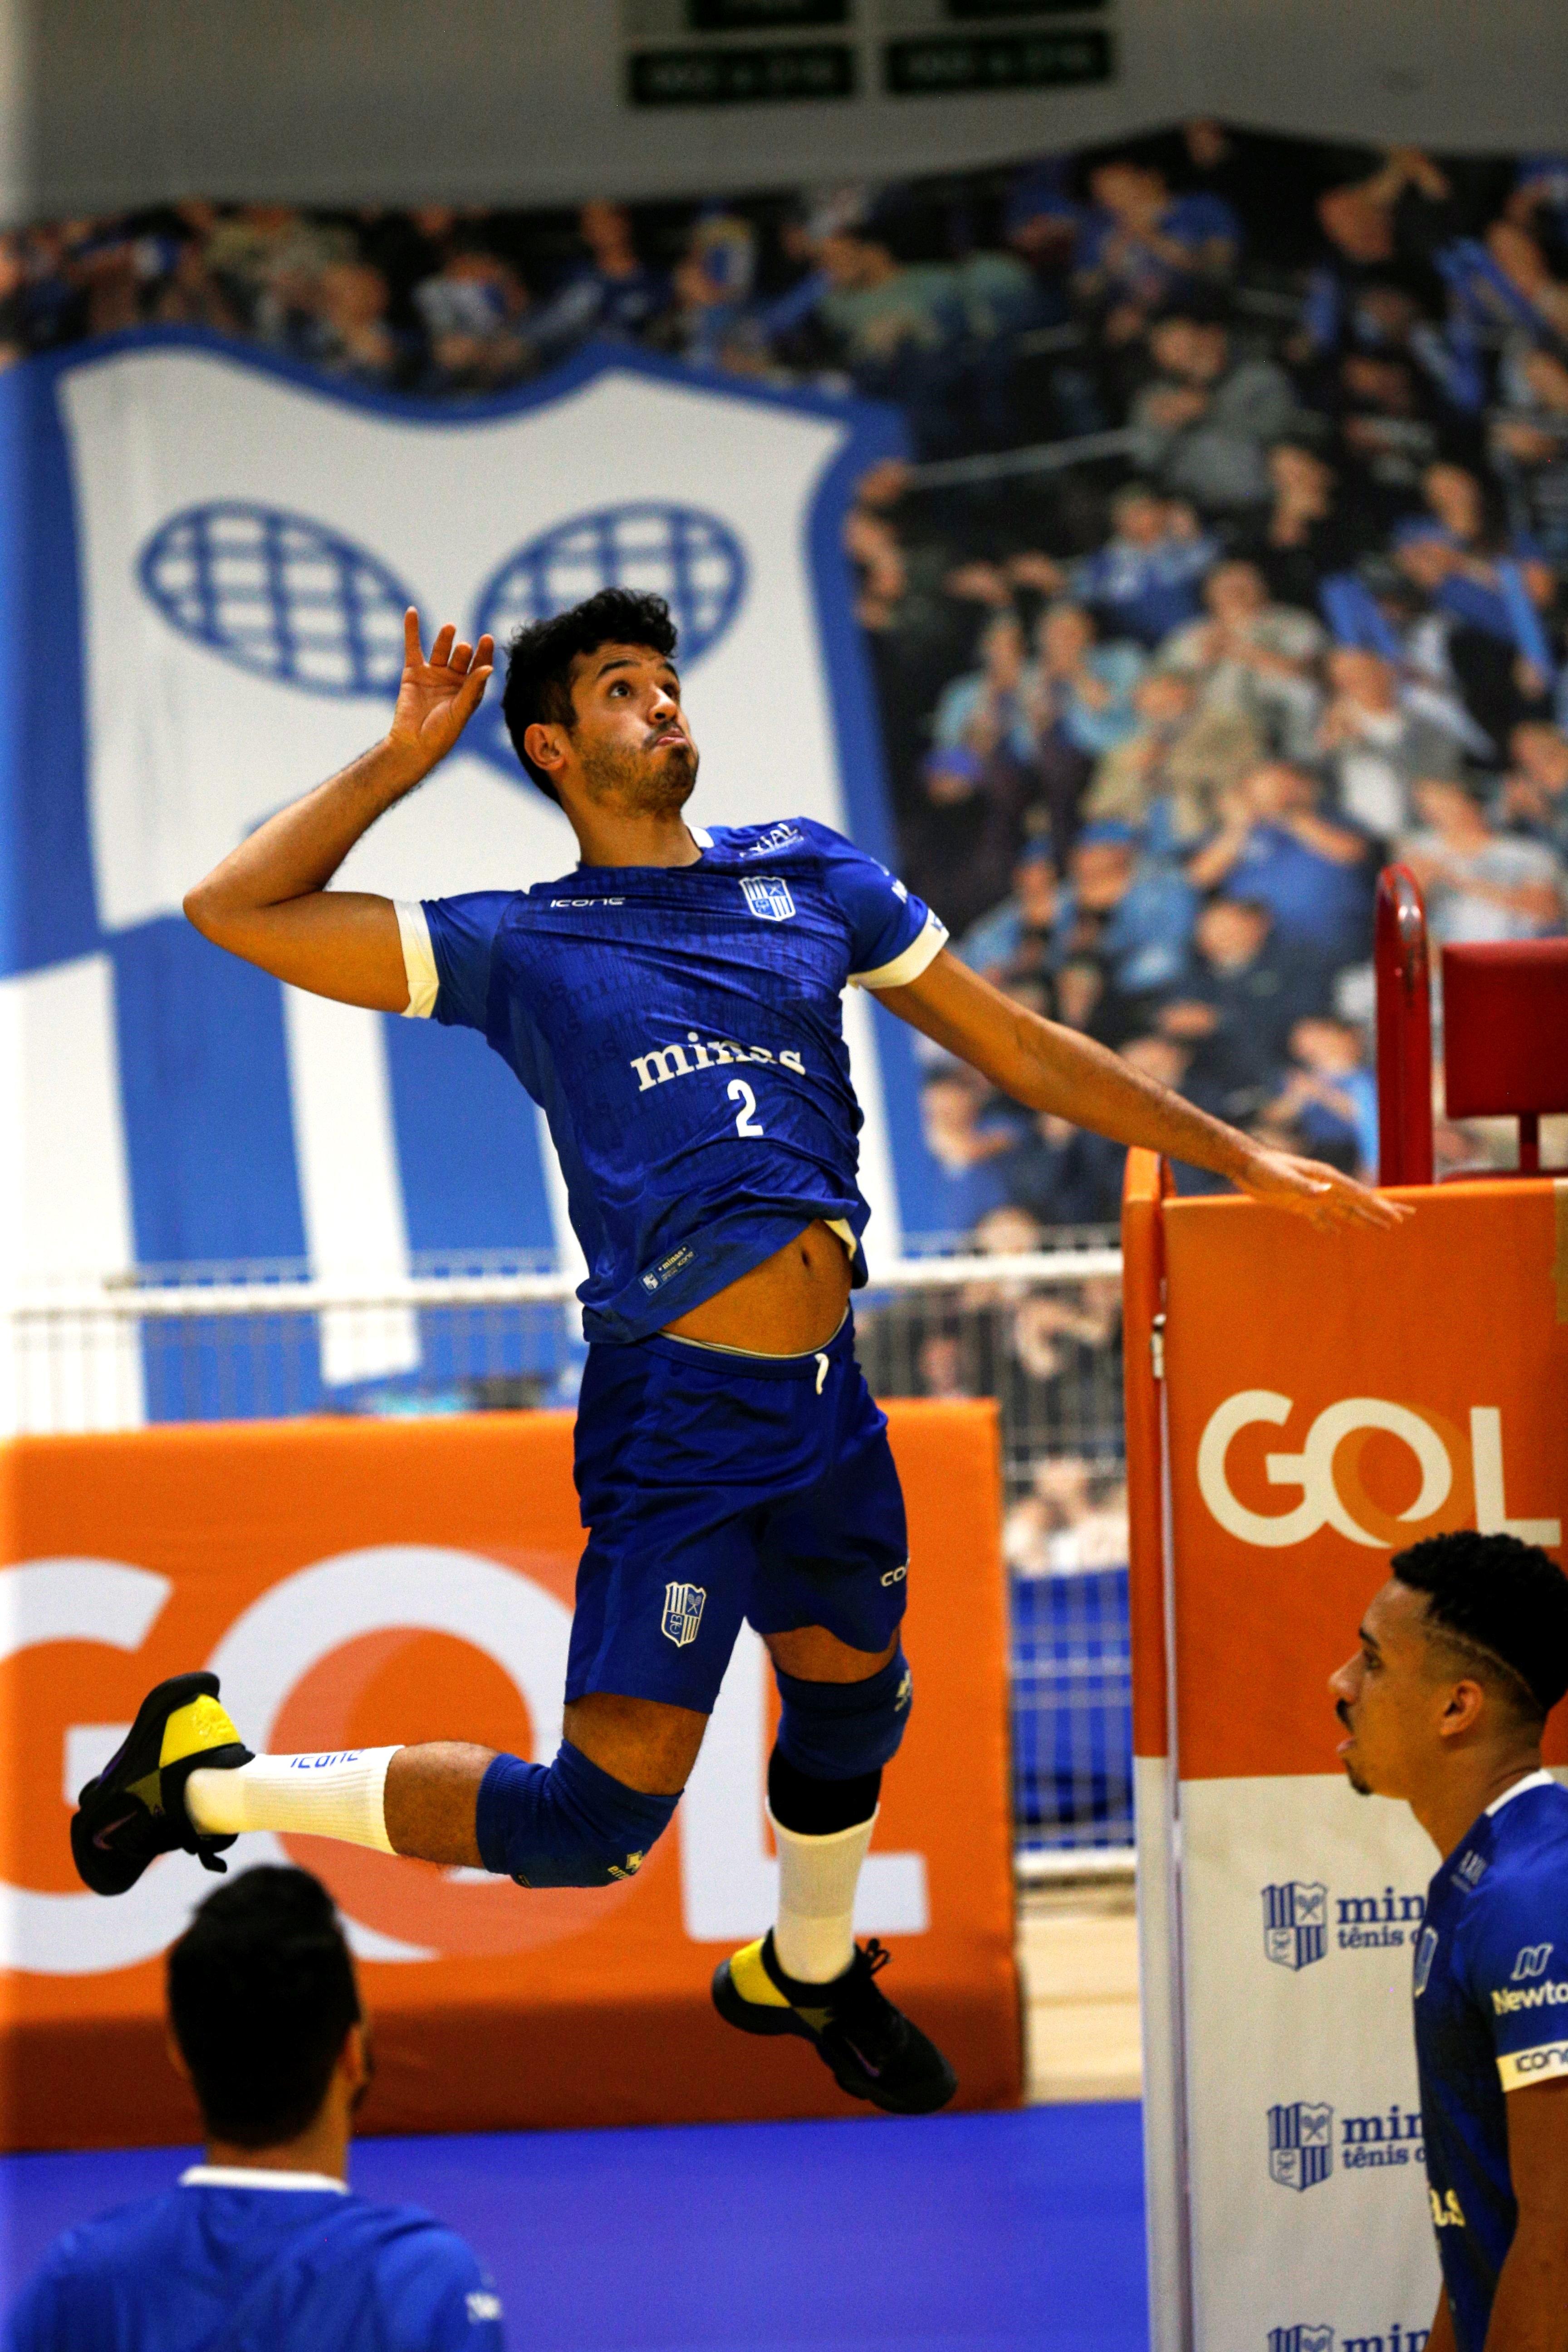 Nicolas Lazo acredita que a concentração é fundamental na partida deste domingo / Foto: Orlando Bento/MTC